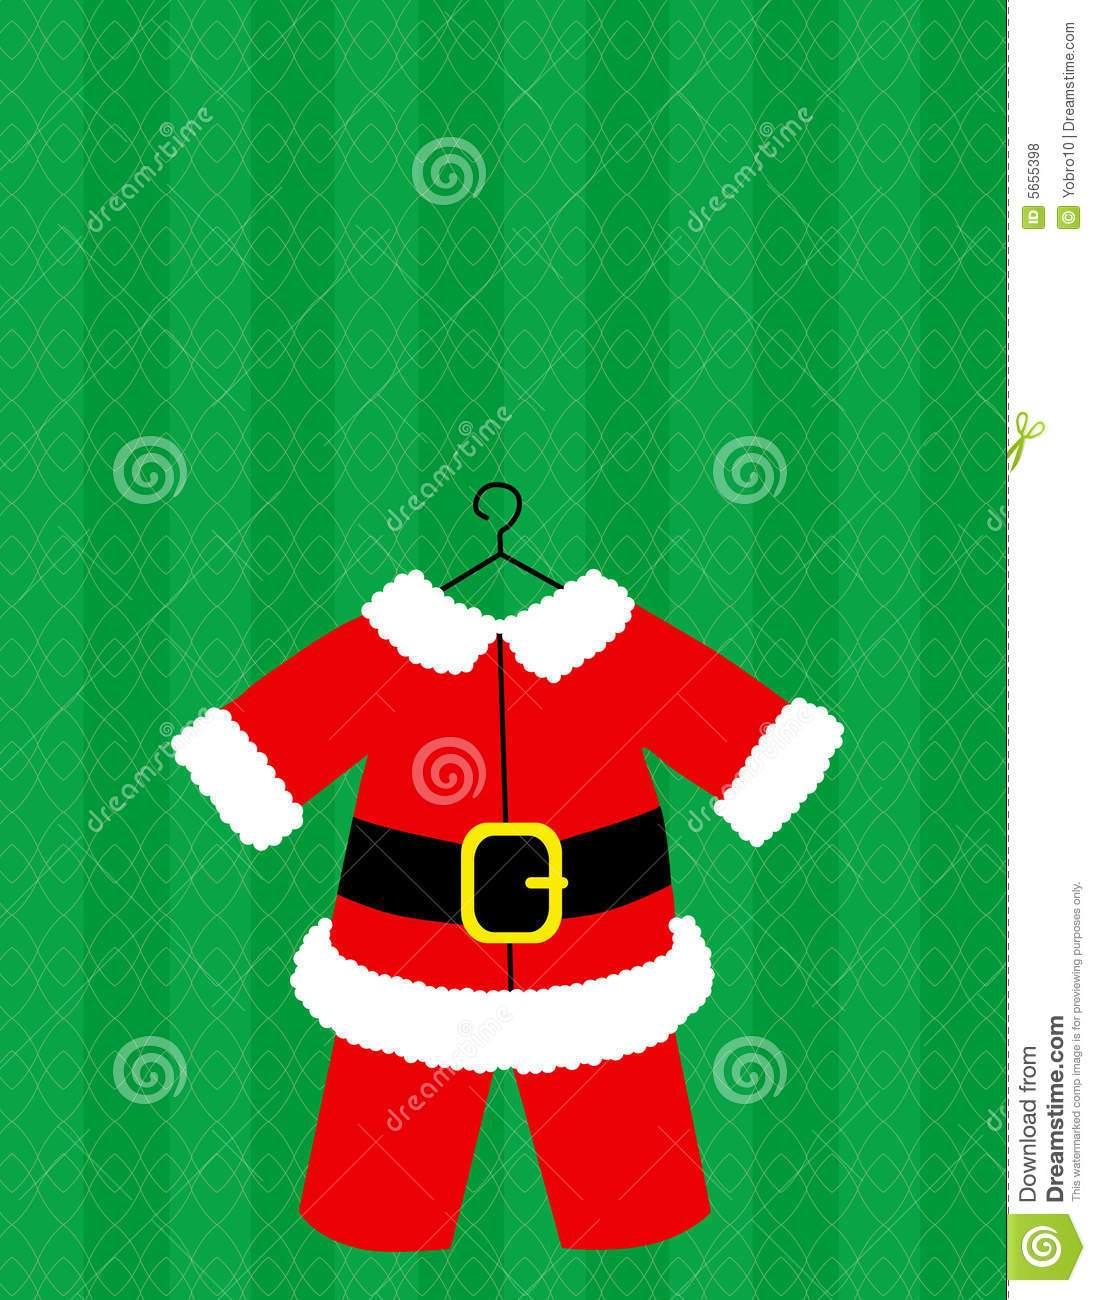 Santa jacket clipart clipart free stock Santa suit clipart 4 » Clipart Portal clipart free stock